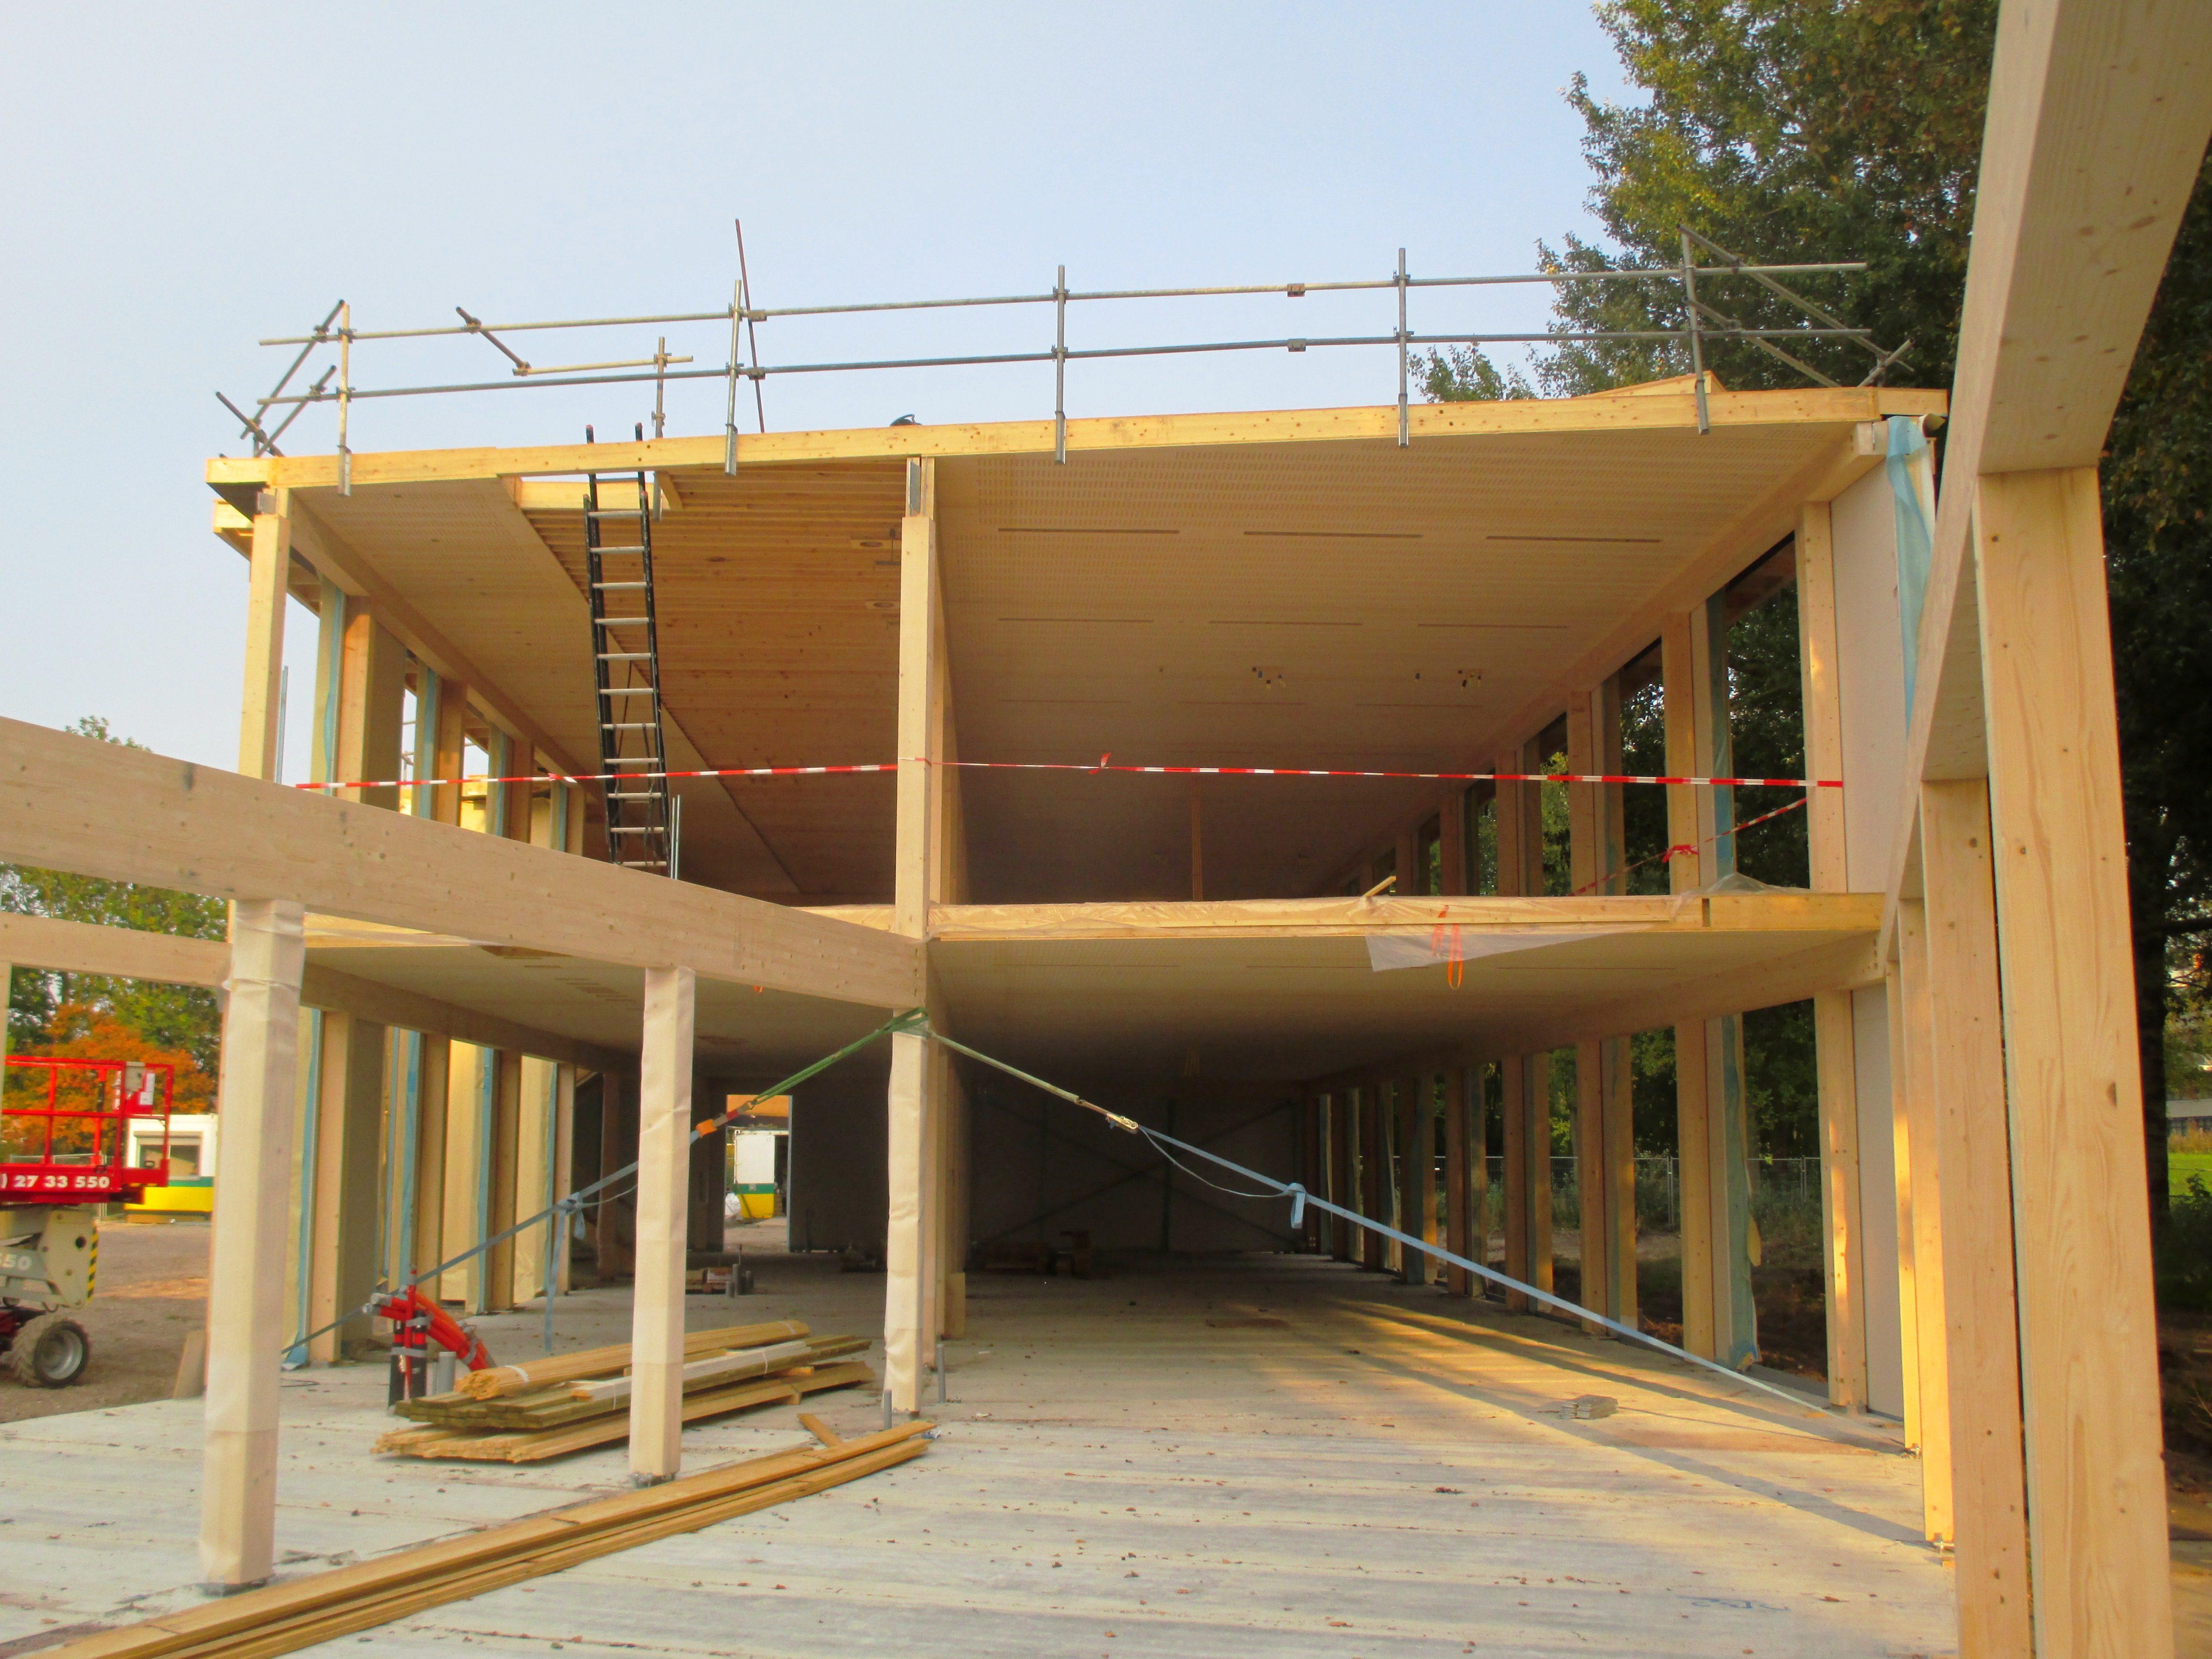 De houten kanaalplaatvloeren overspannen van gevelbalk naar gevelbalk, met een tussensteunpunt iets uit het midden.